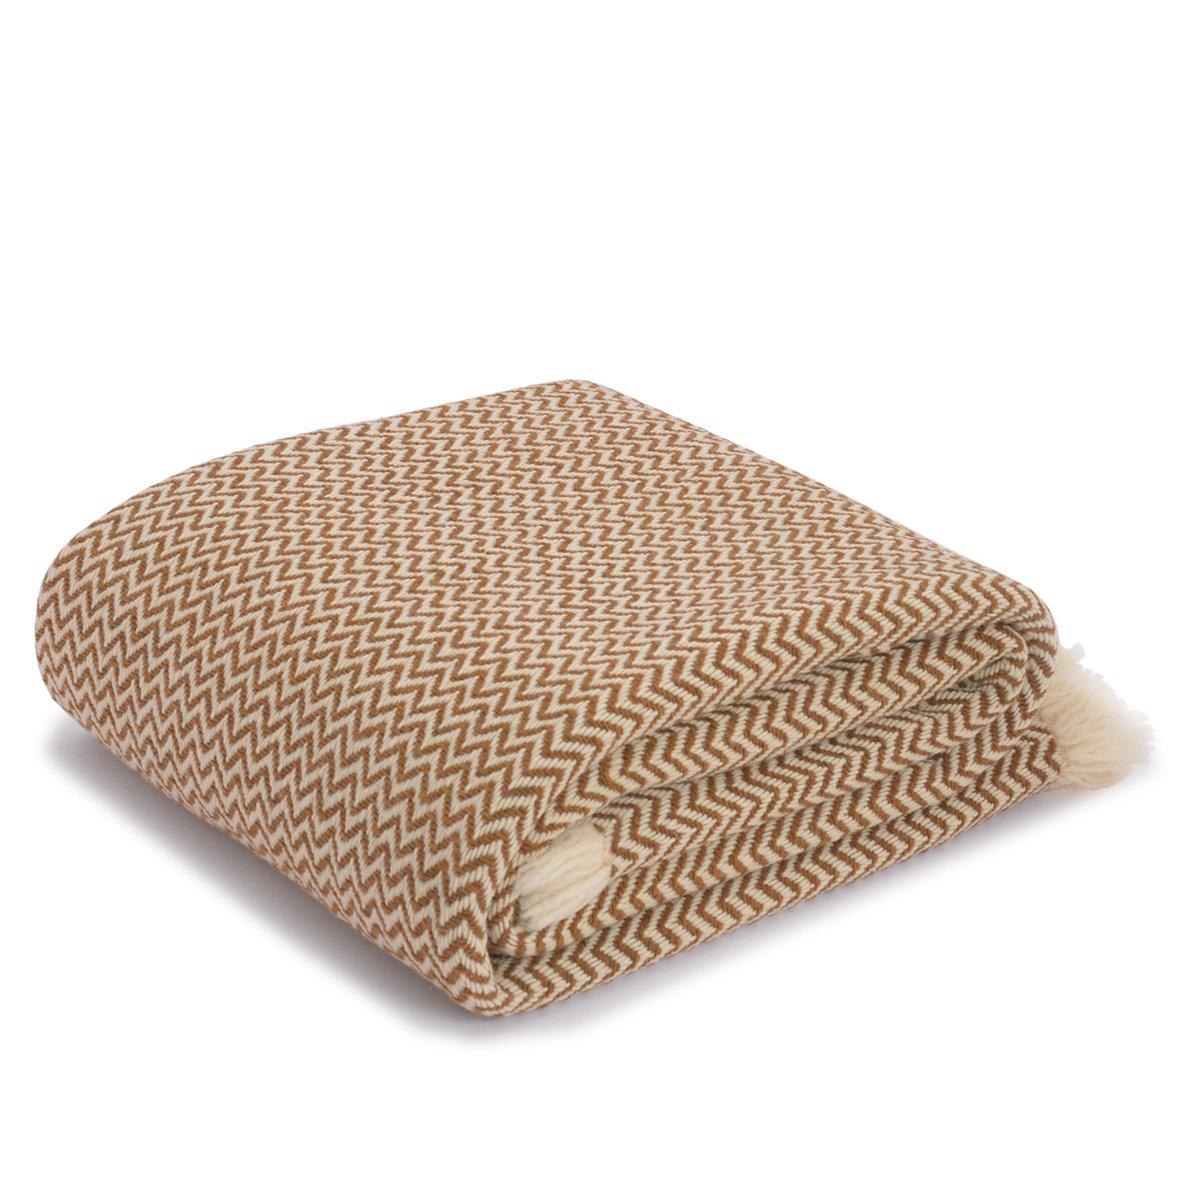 PERELIC Handgefertigte Wolldecke mit Zick-Zack-Muster aus 100% reiner Schurwolle, ca 150 x 200cm, 2000g, wollweiß-ocker